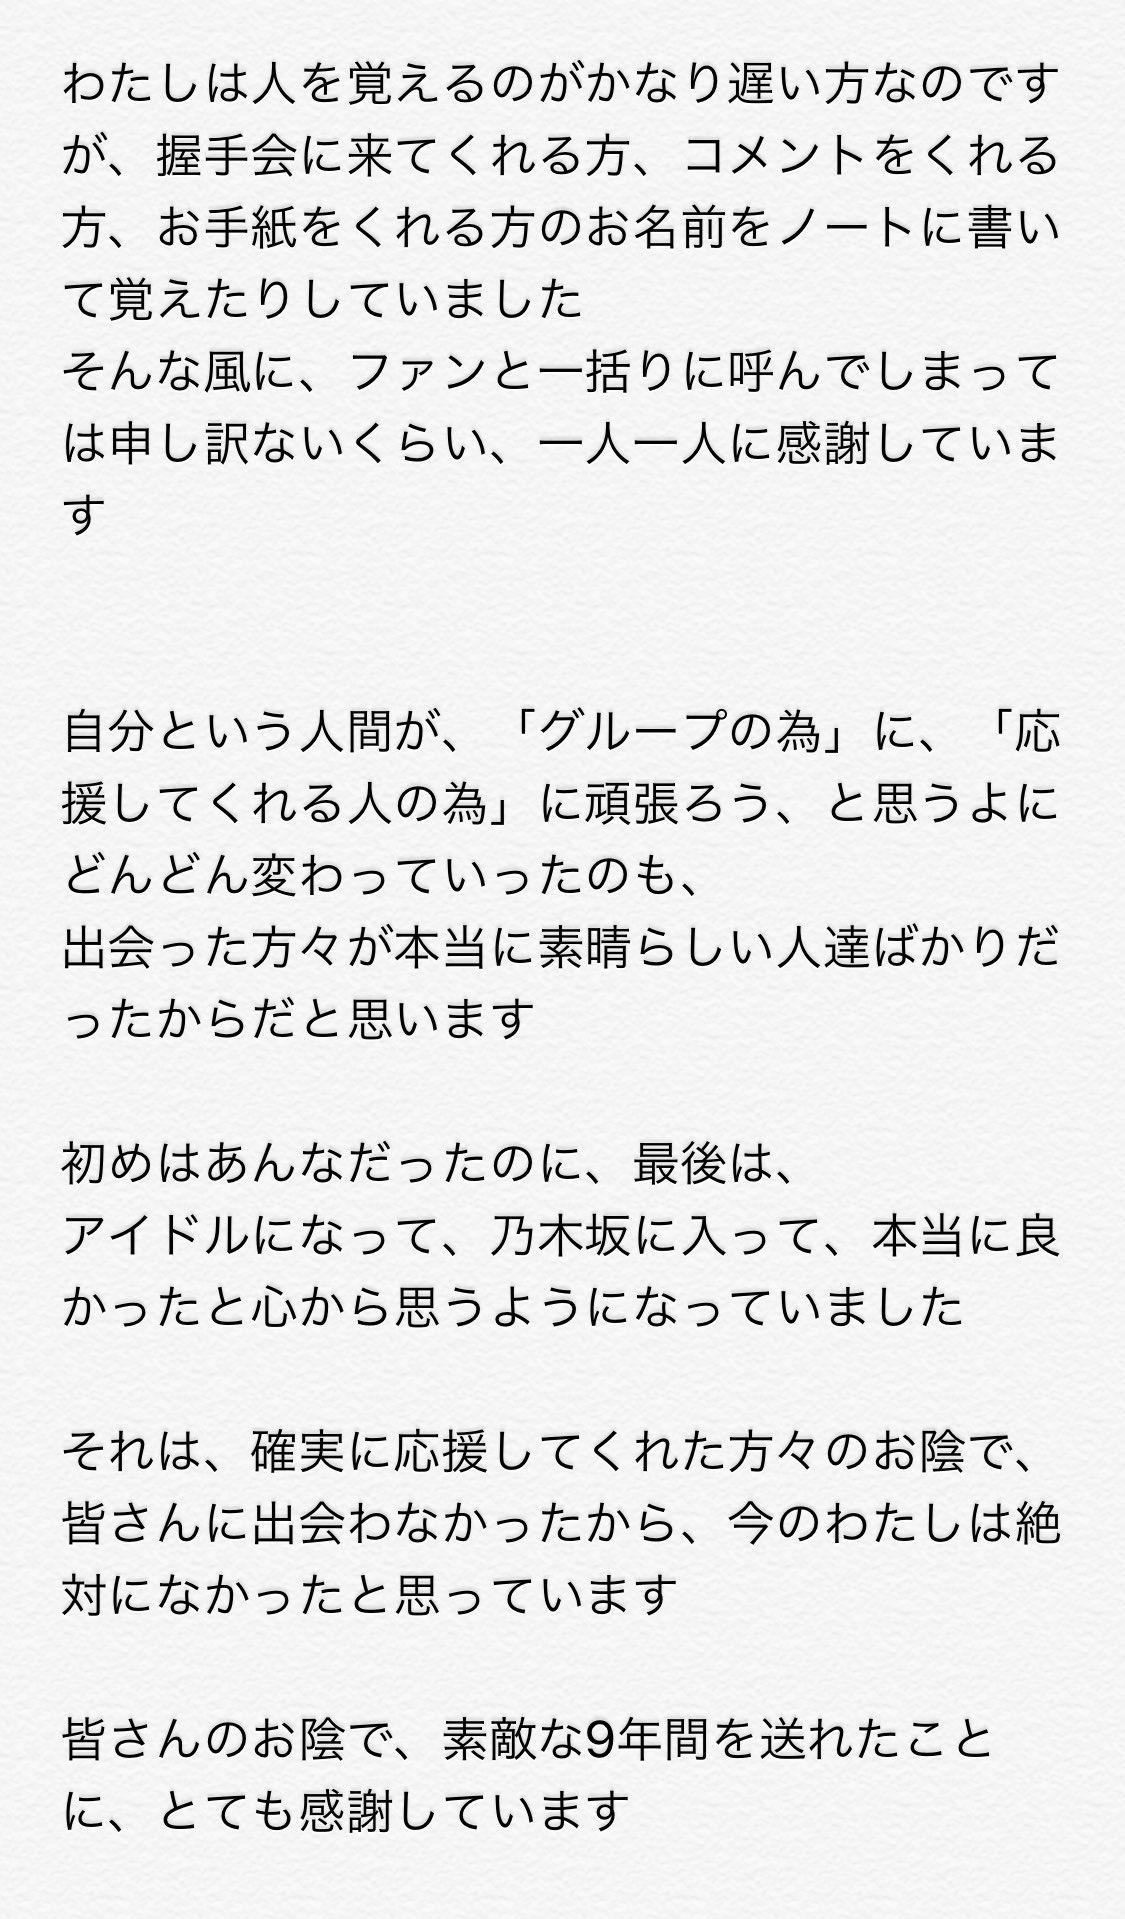 井上小百合ファンクラブ名の候補案2